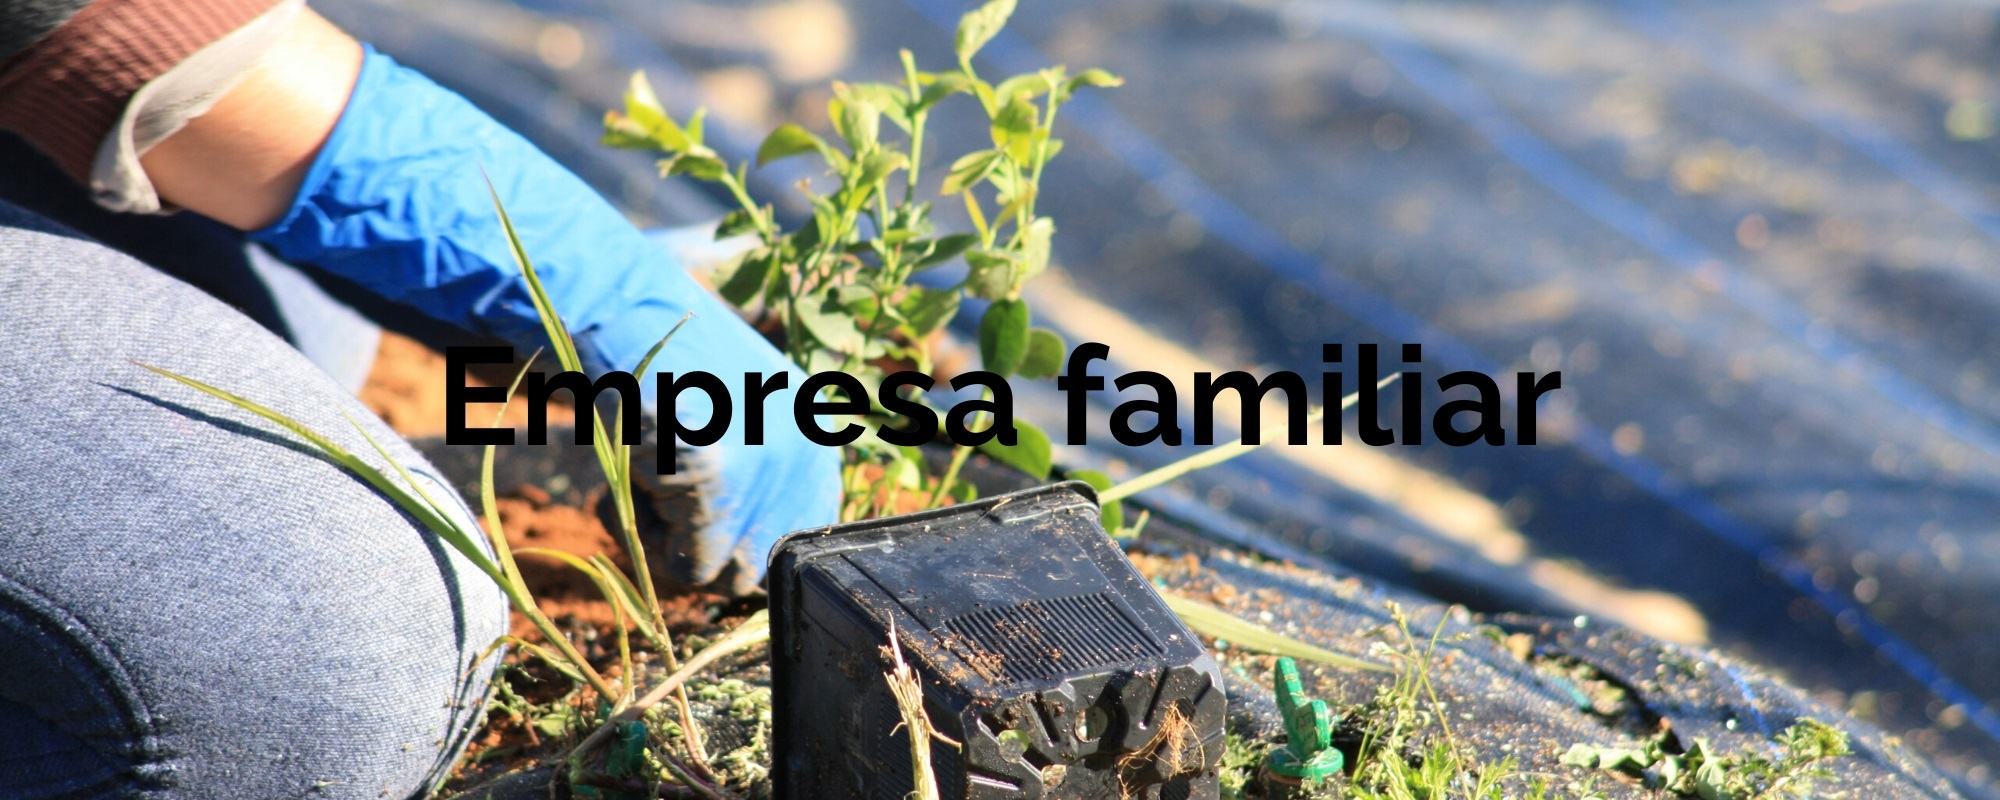 agroecologica-el-origen-quienes somos-empresa-familiar-01